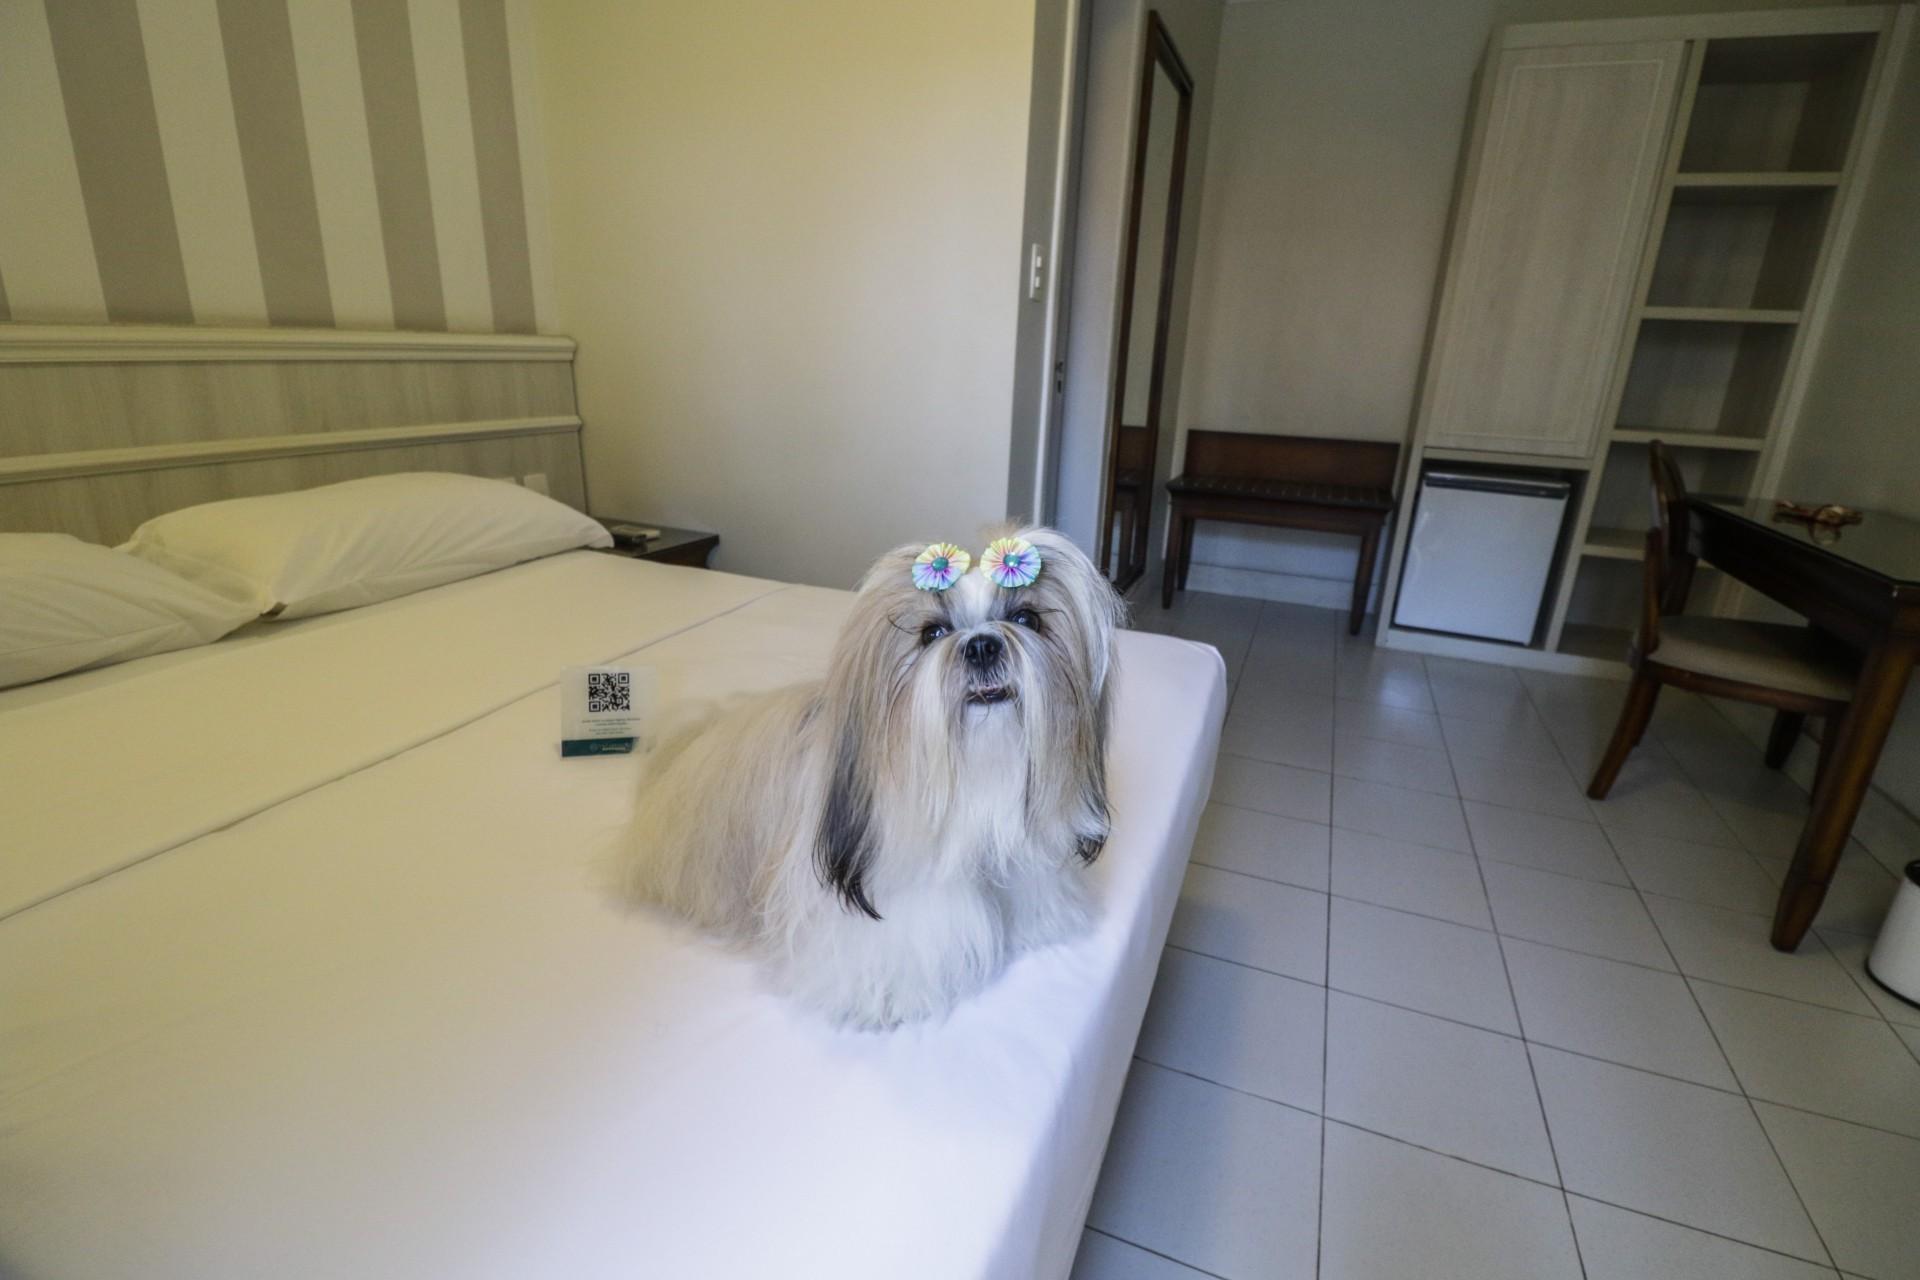 Hotéis, restaurantes e shopping centers de Fortaleza têm aderido ao conceito 'pet friendly' (Foto: (Thais Mesquita/OPOVO))